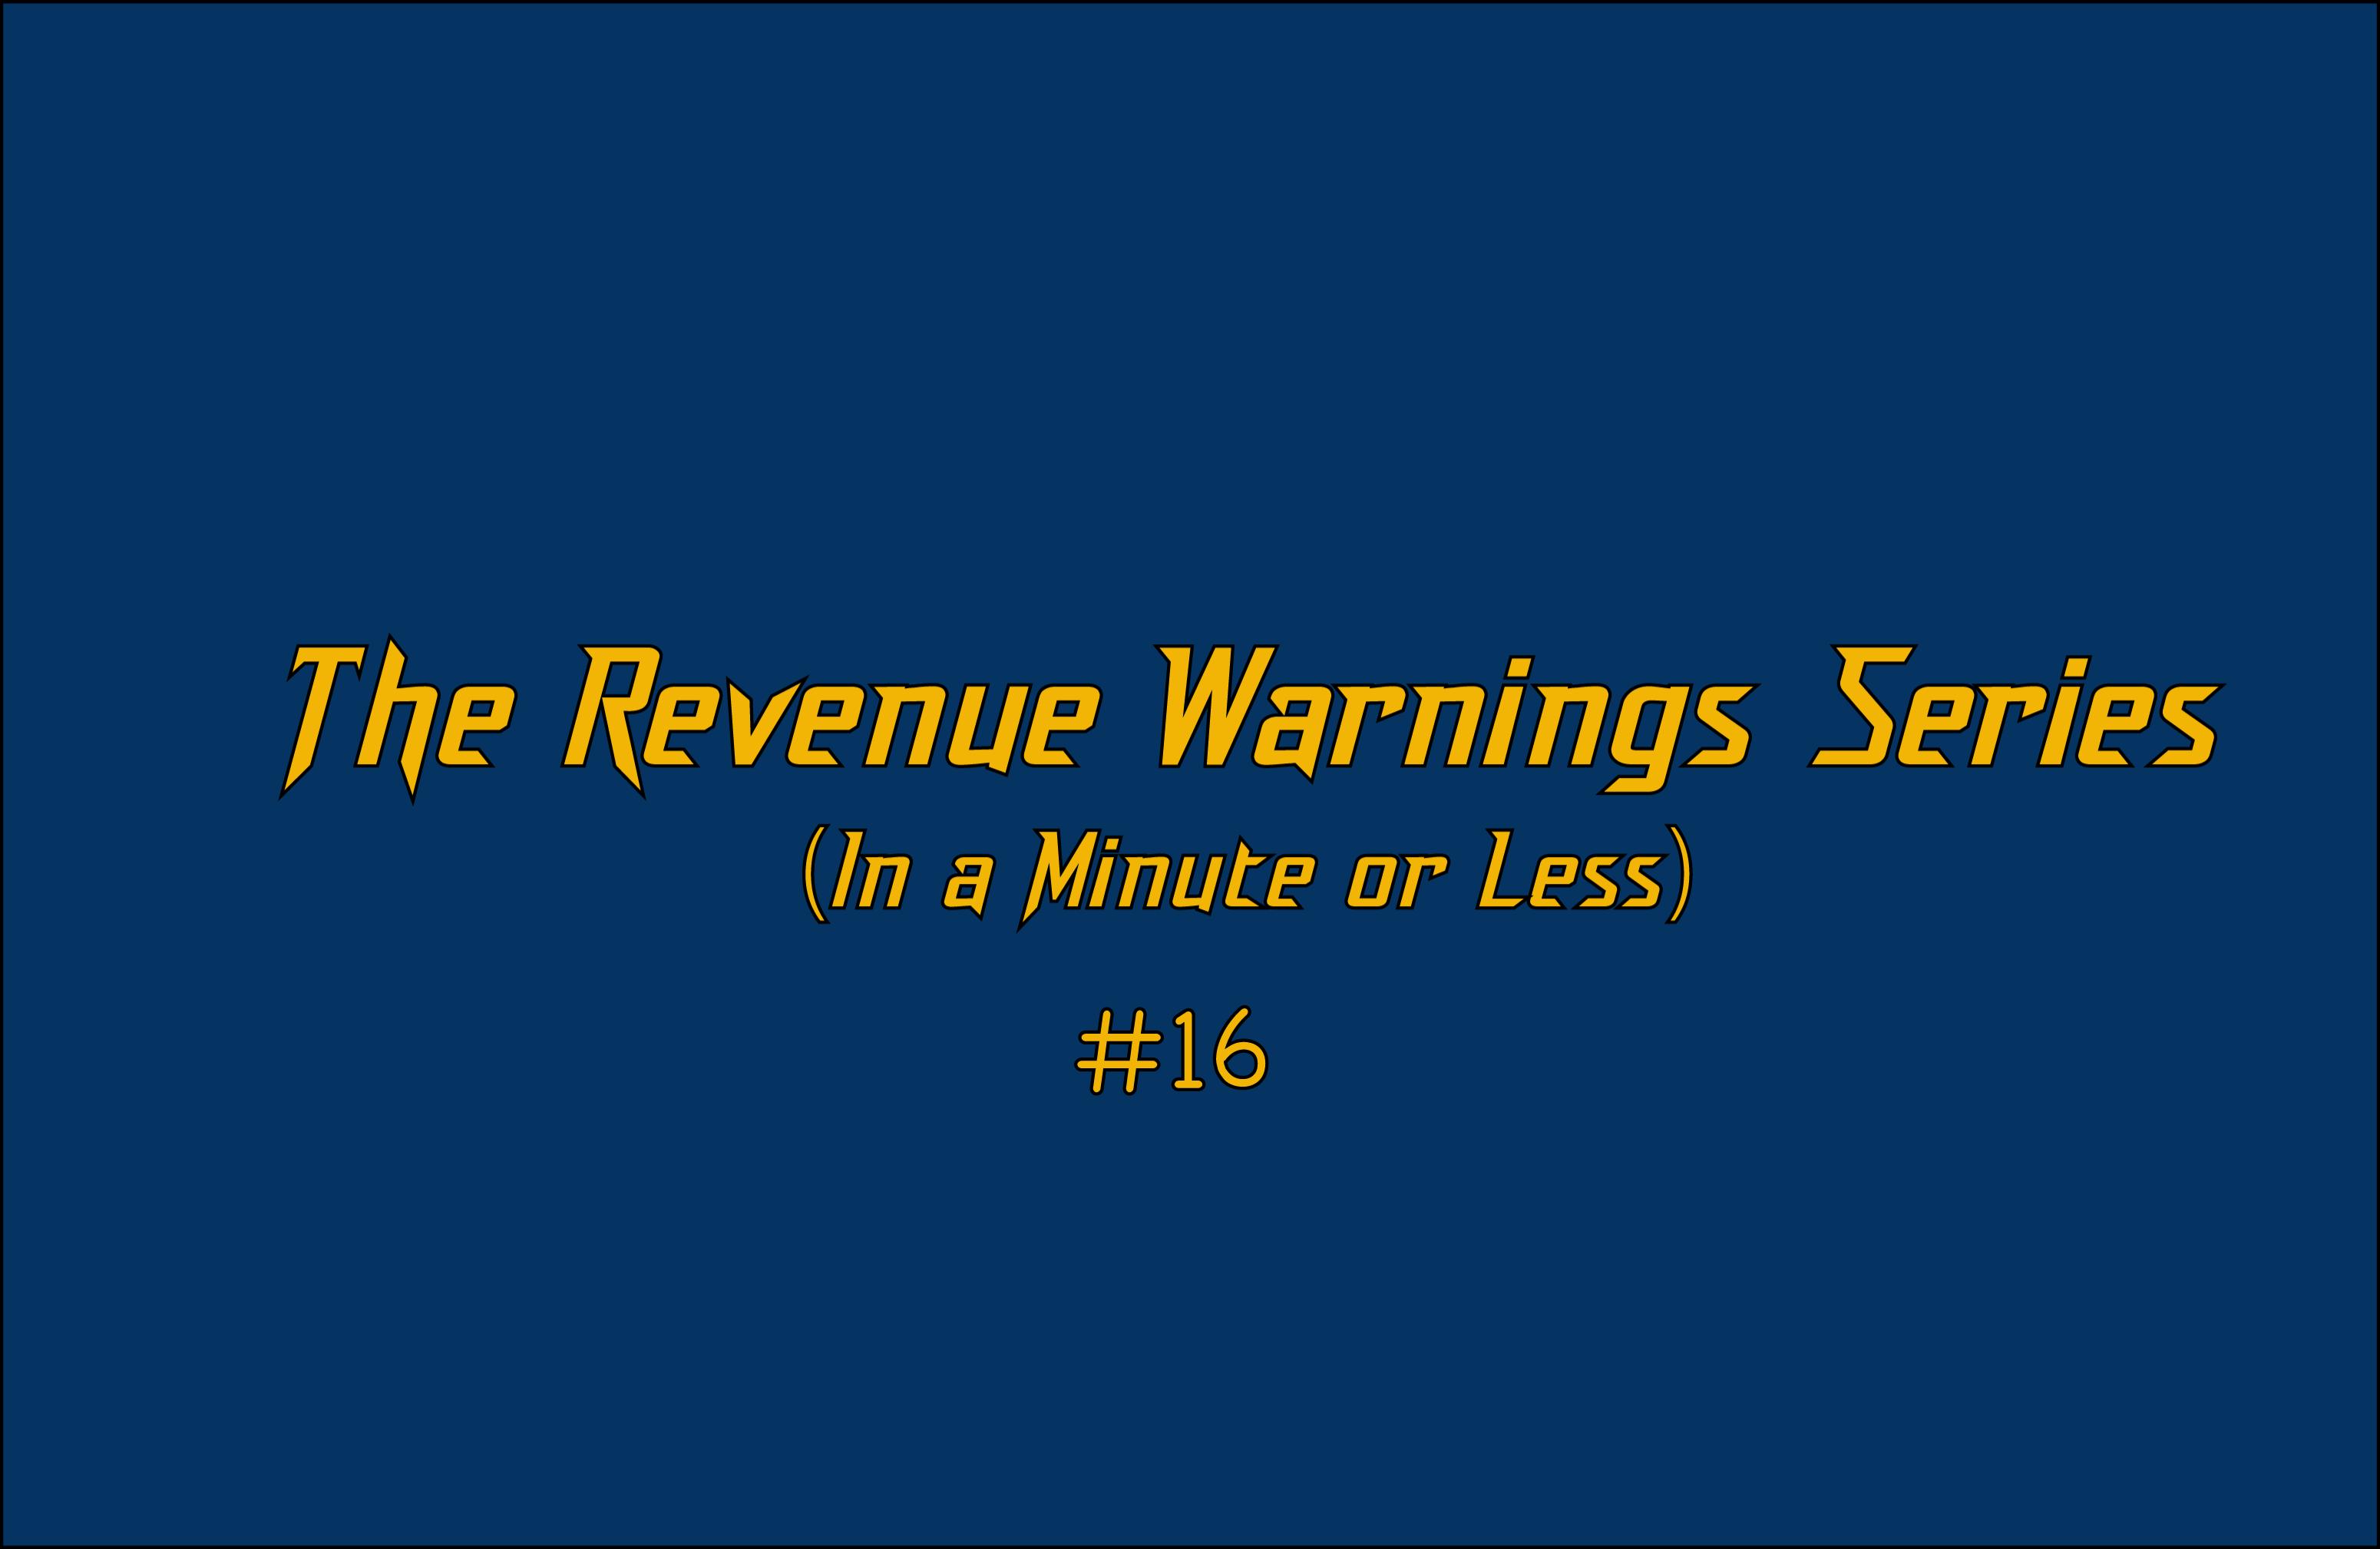 Revenue Warning #16: Don't Pivot #7